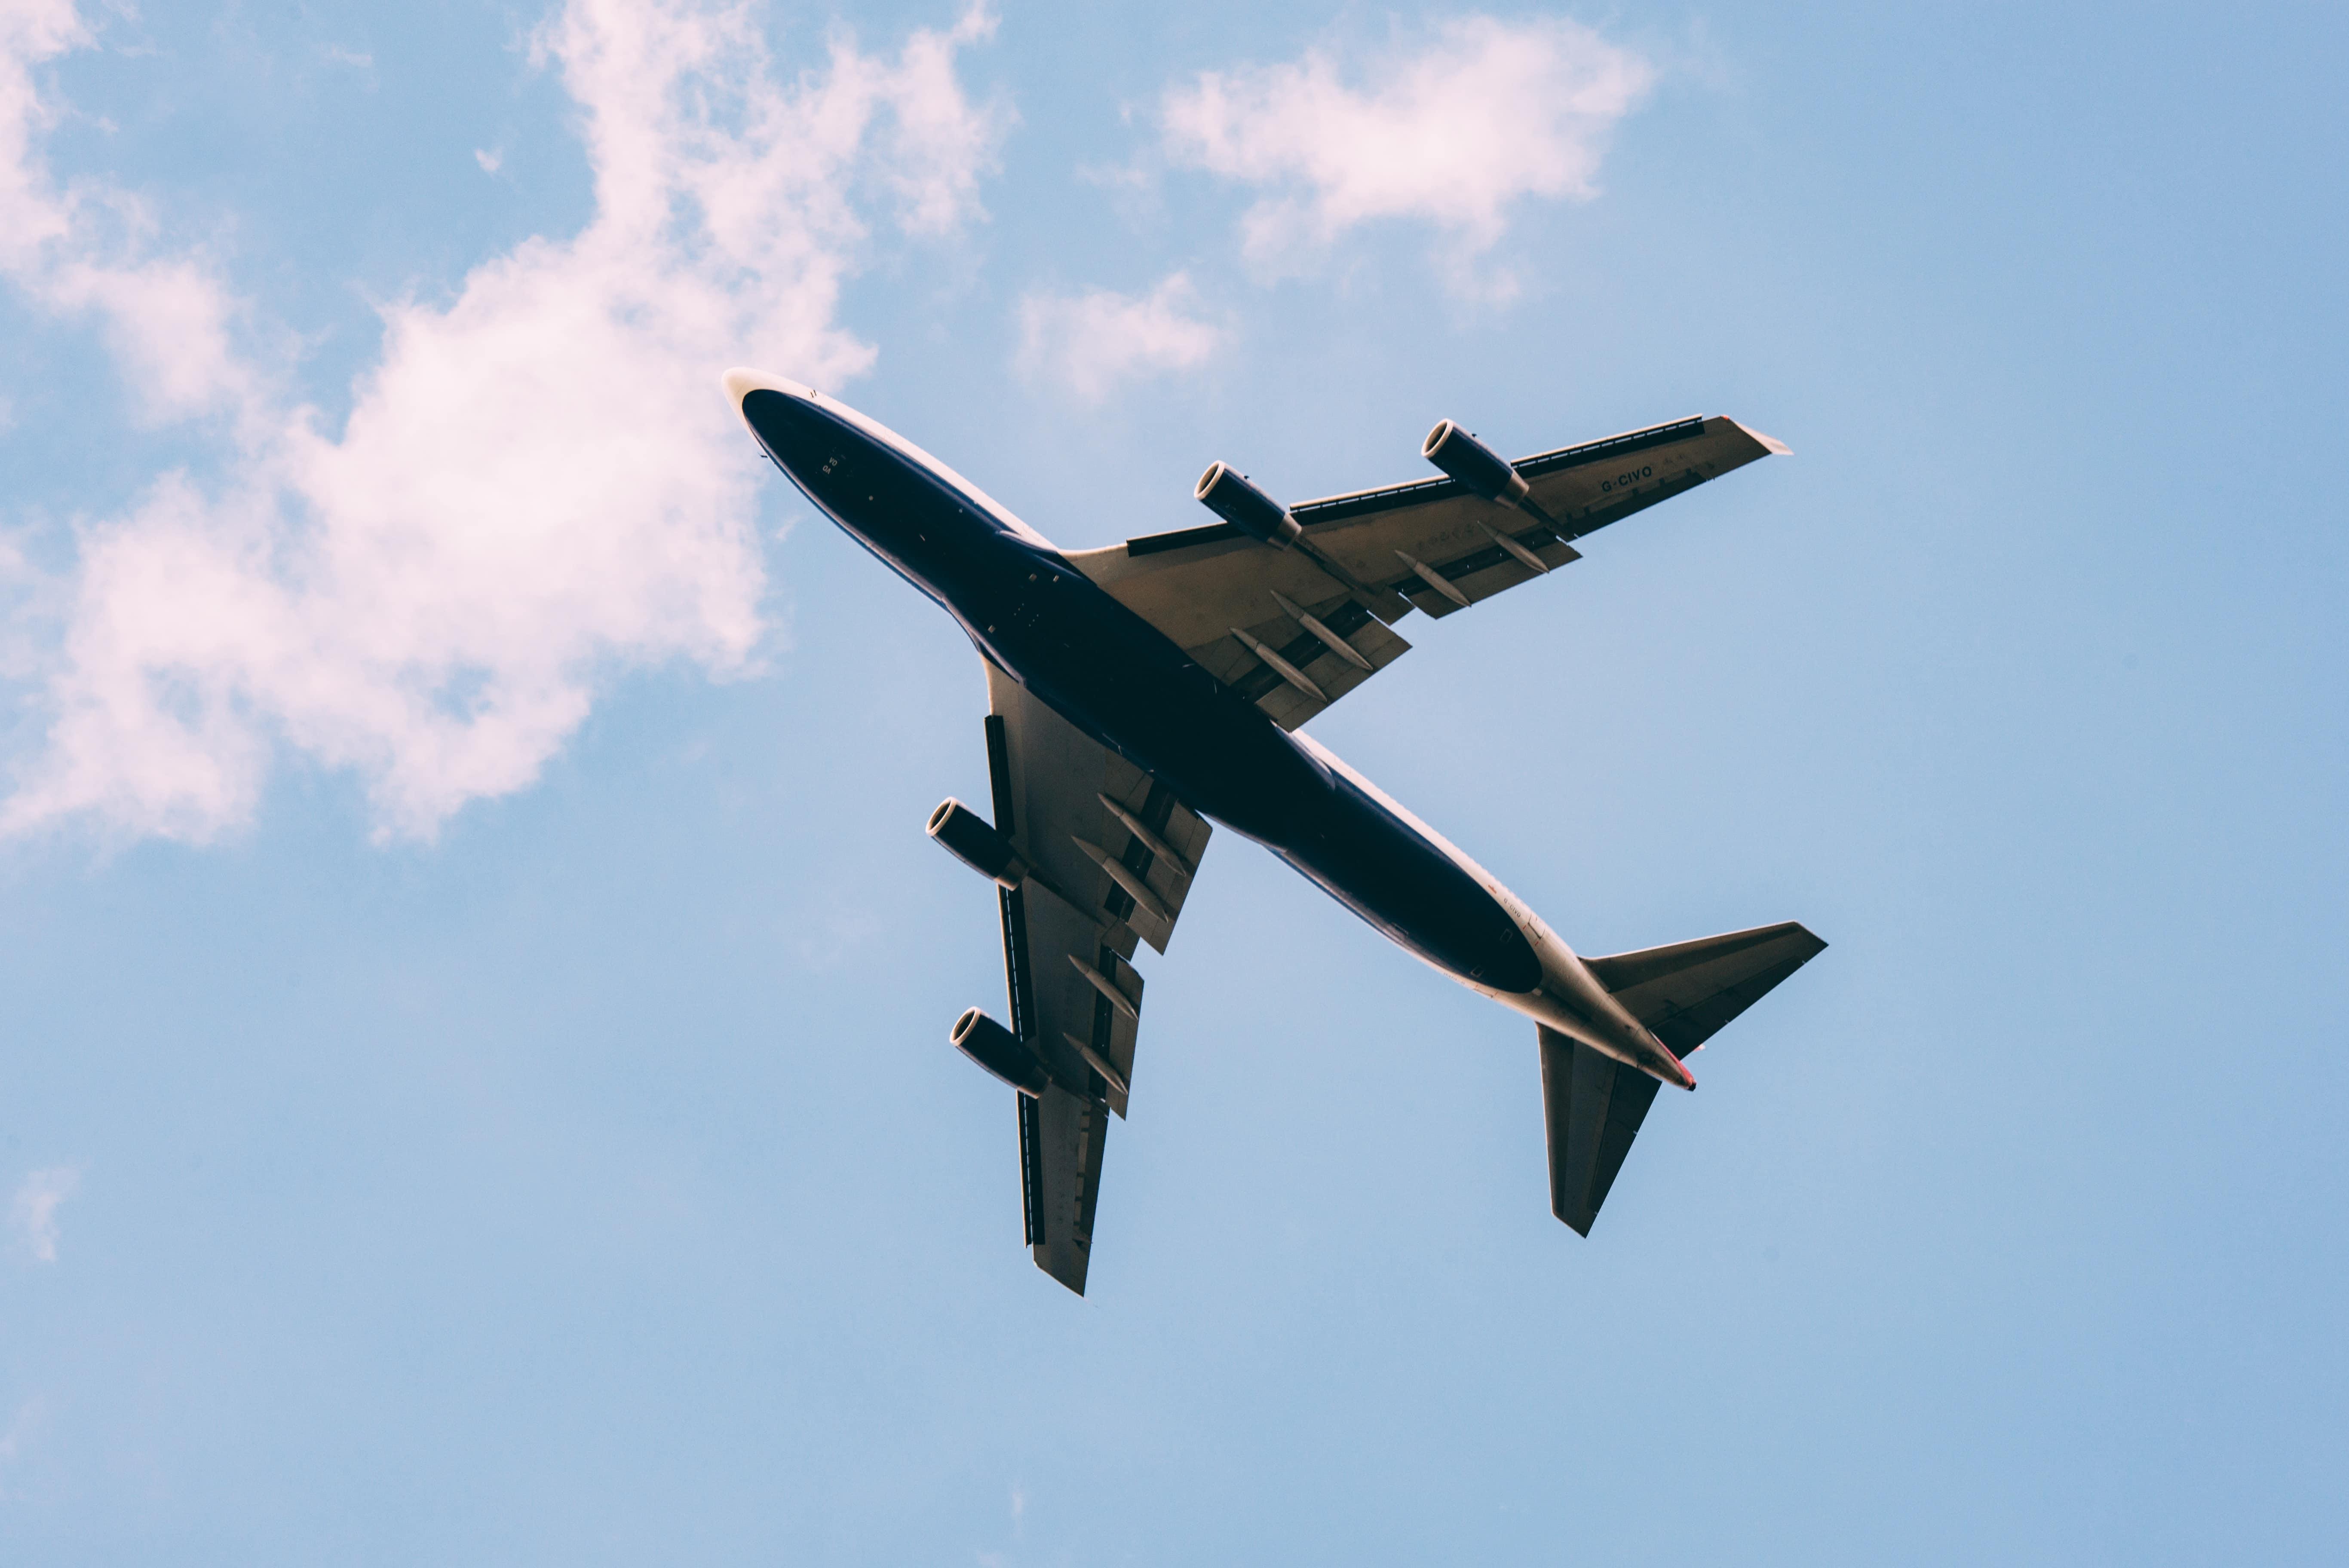 séjour linguistique avion voyage destination